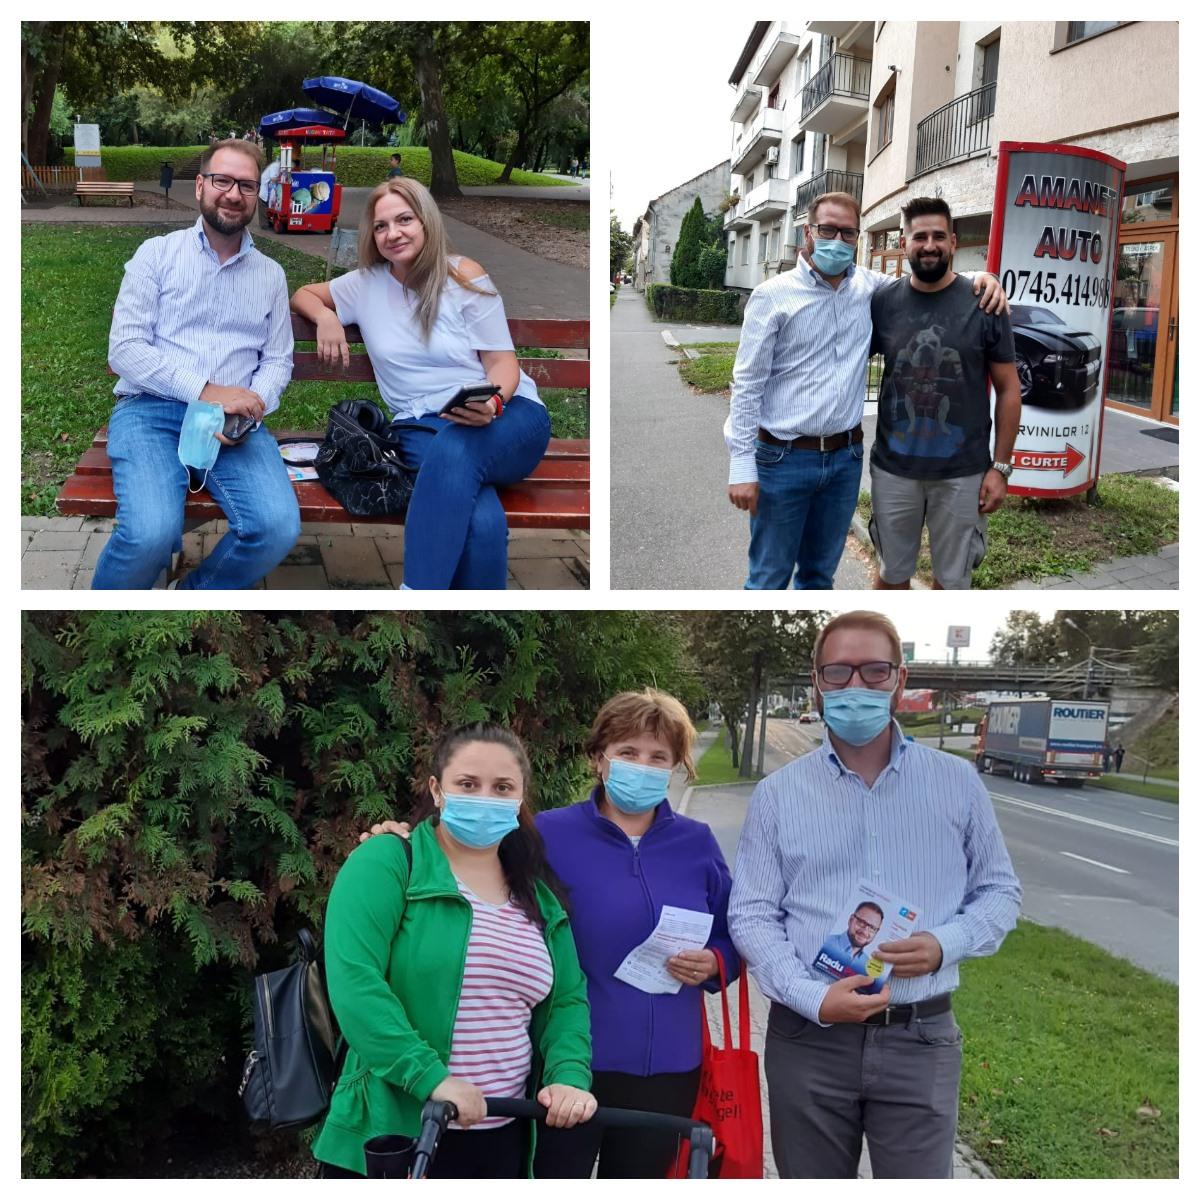 De ce crede Radu Panait, candidatul USR PLUS, că poate câștiga Primăria Satu Mare